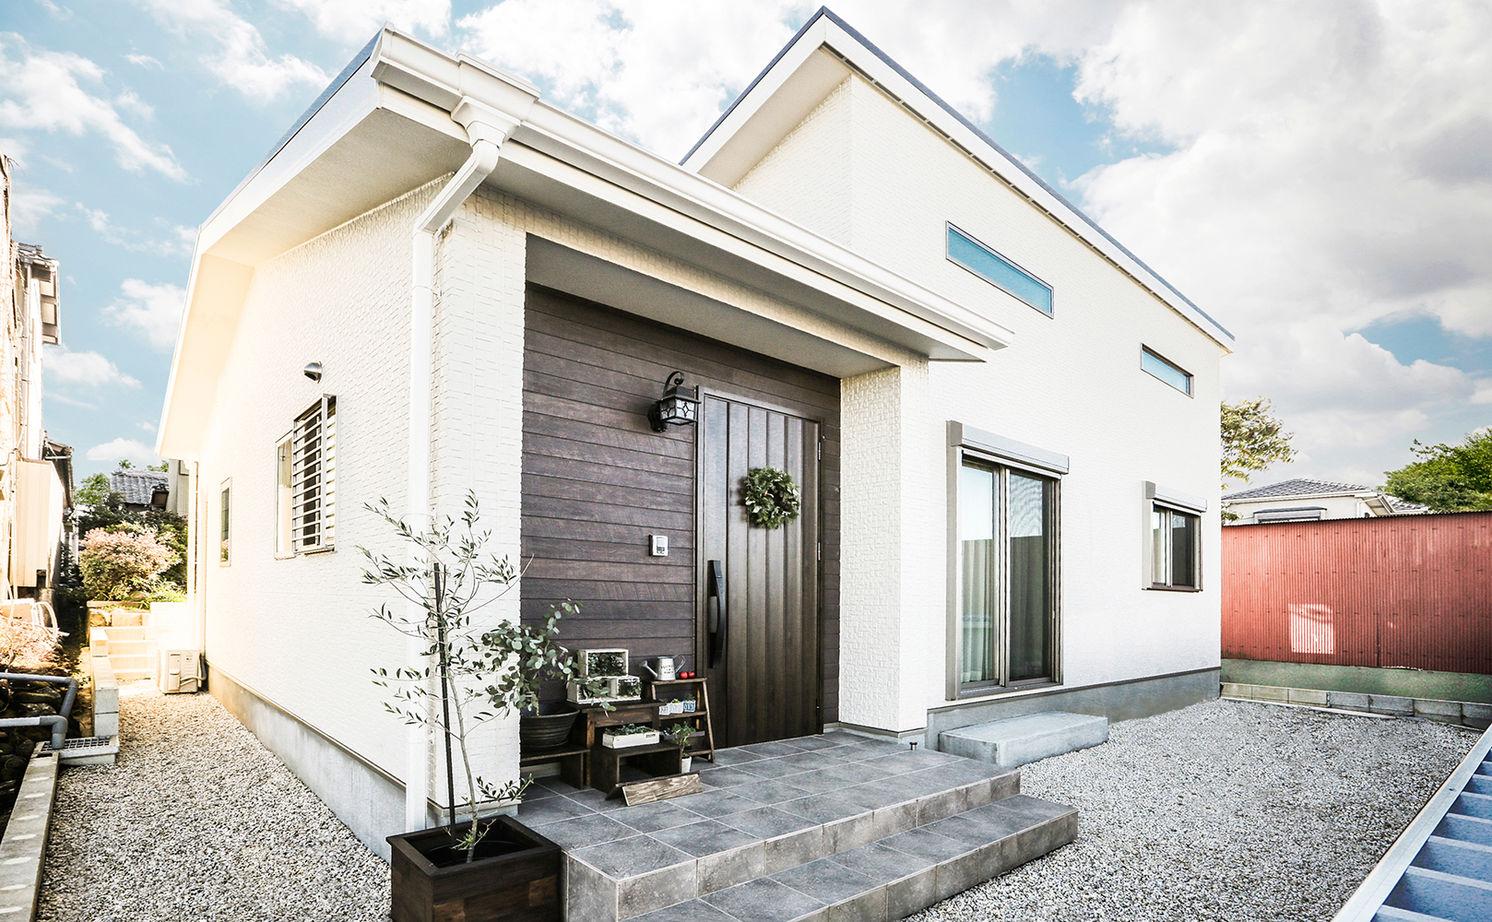 【平屋住宅×おしゃれ×1000万円台】空間を活かしたコンパクト設計のデザイナーズ住宅  間取り図画像1